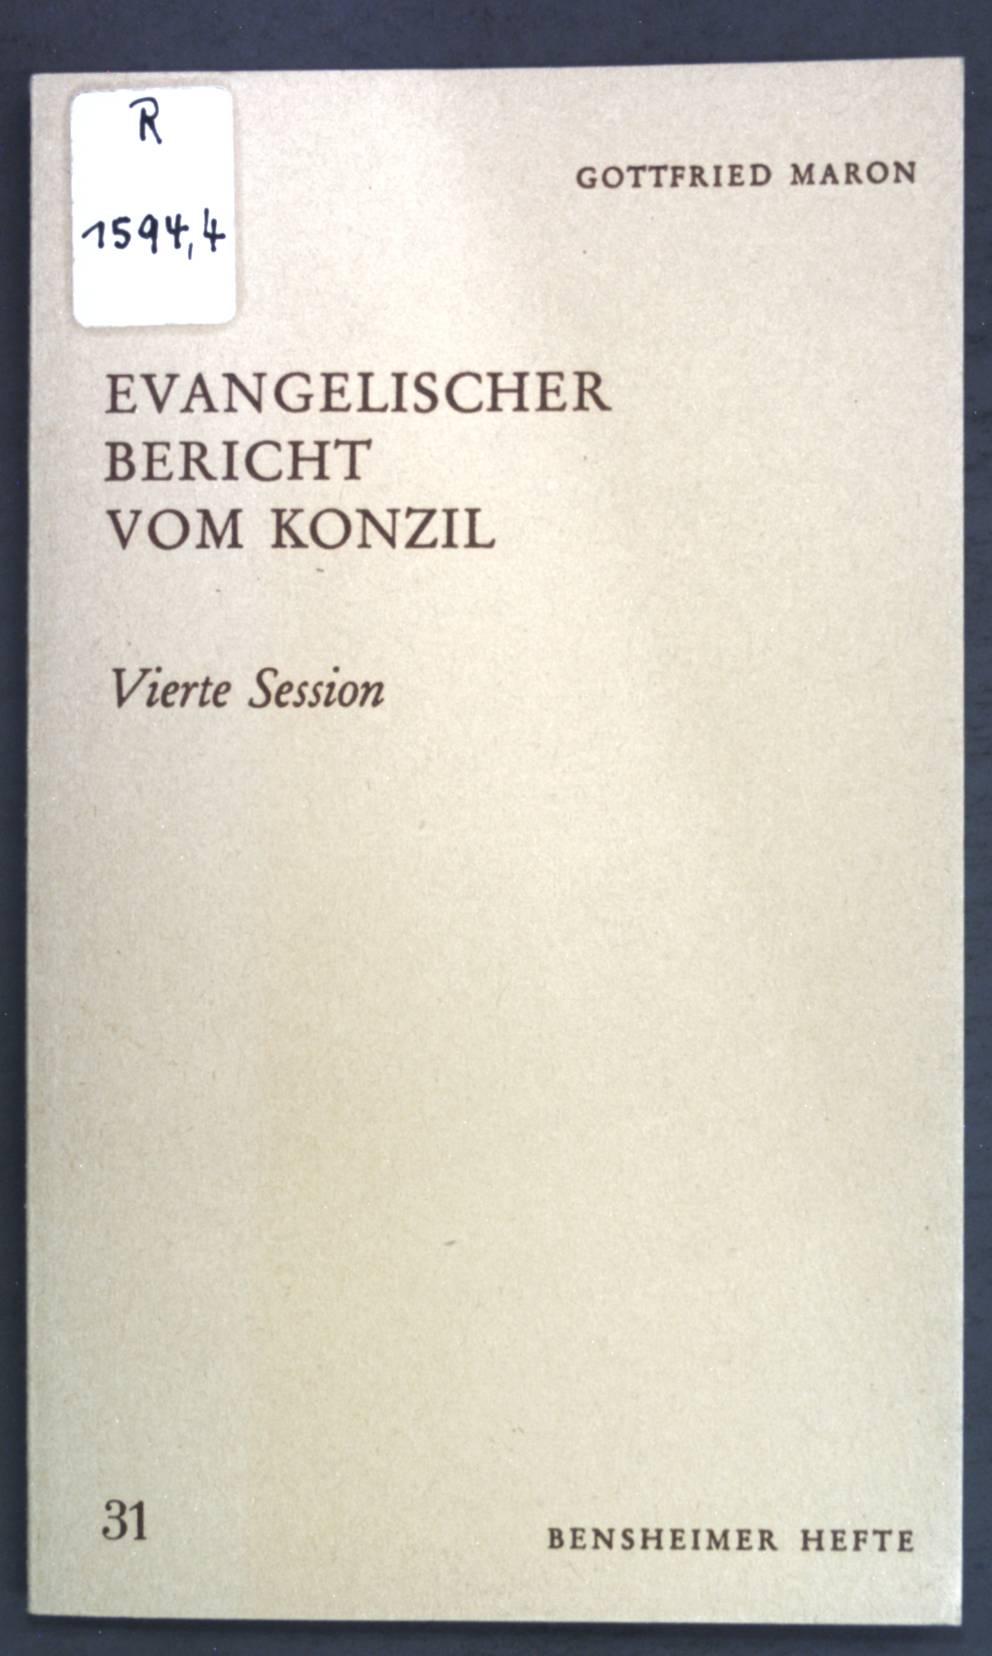 Evangelischer Bericht vom Konzil, vierte Session. Bensheimer: Maron, Gottfried: